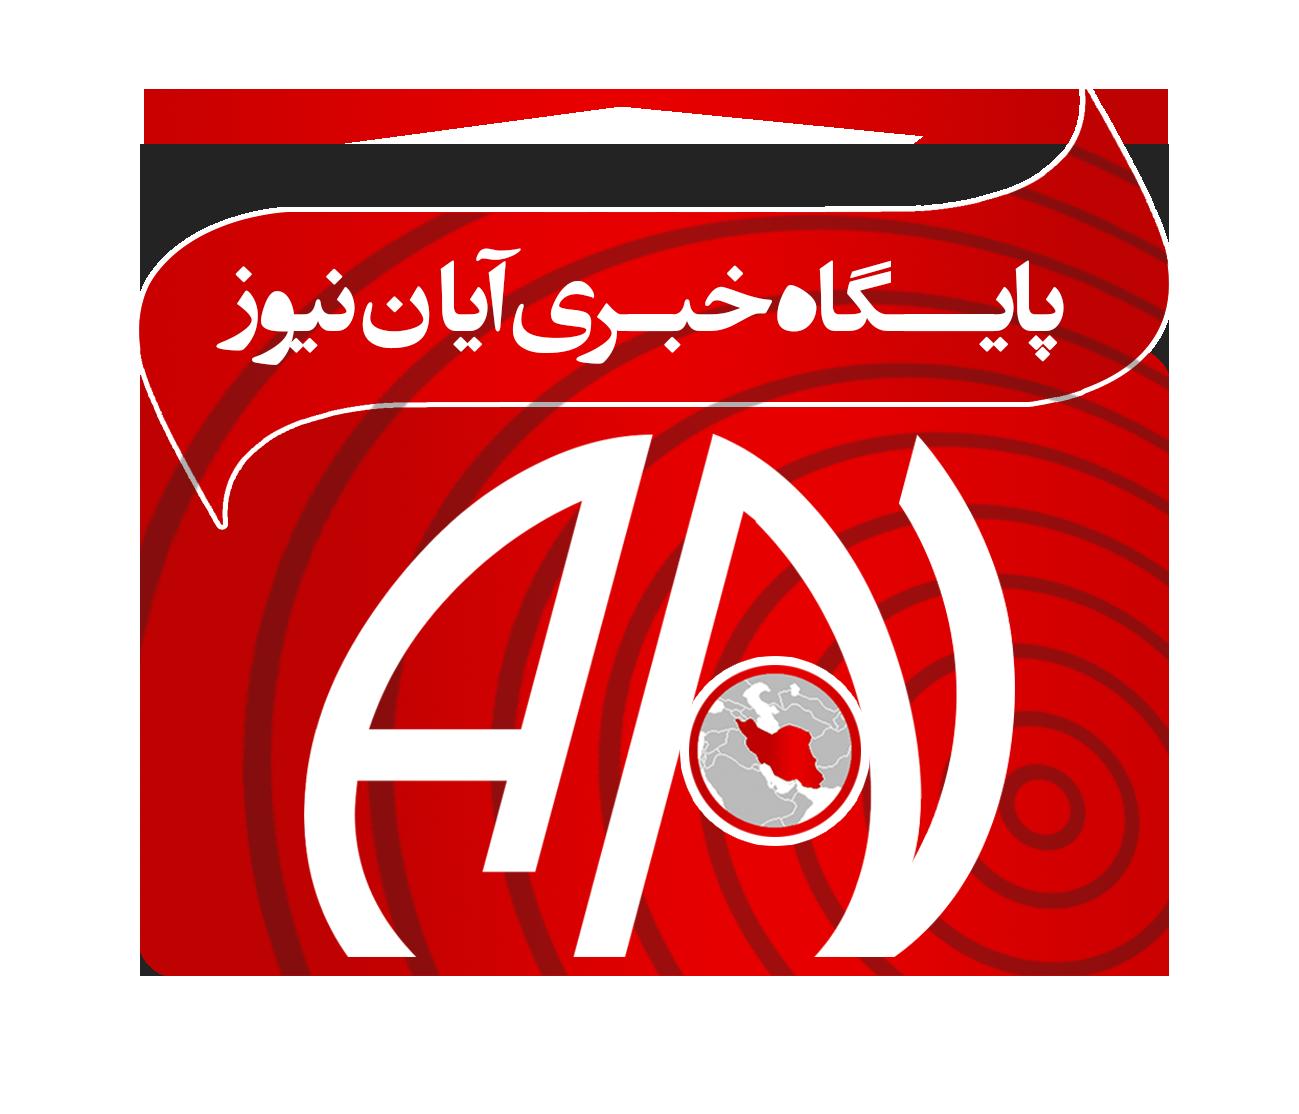 آرم پایگاه خبری آیان نیوز